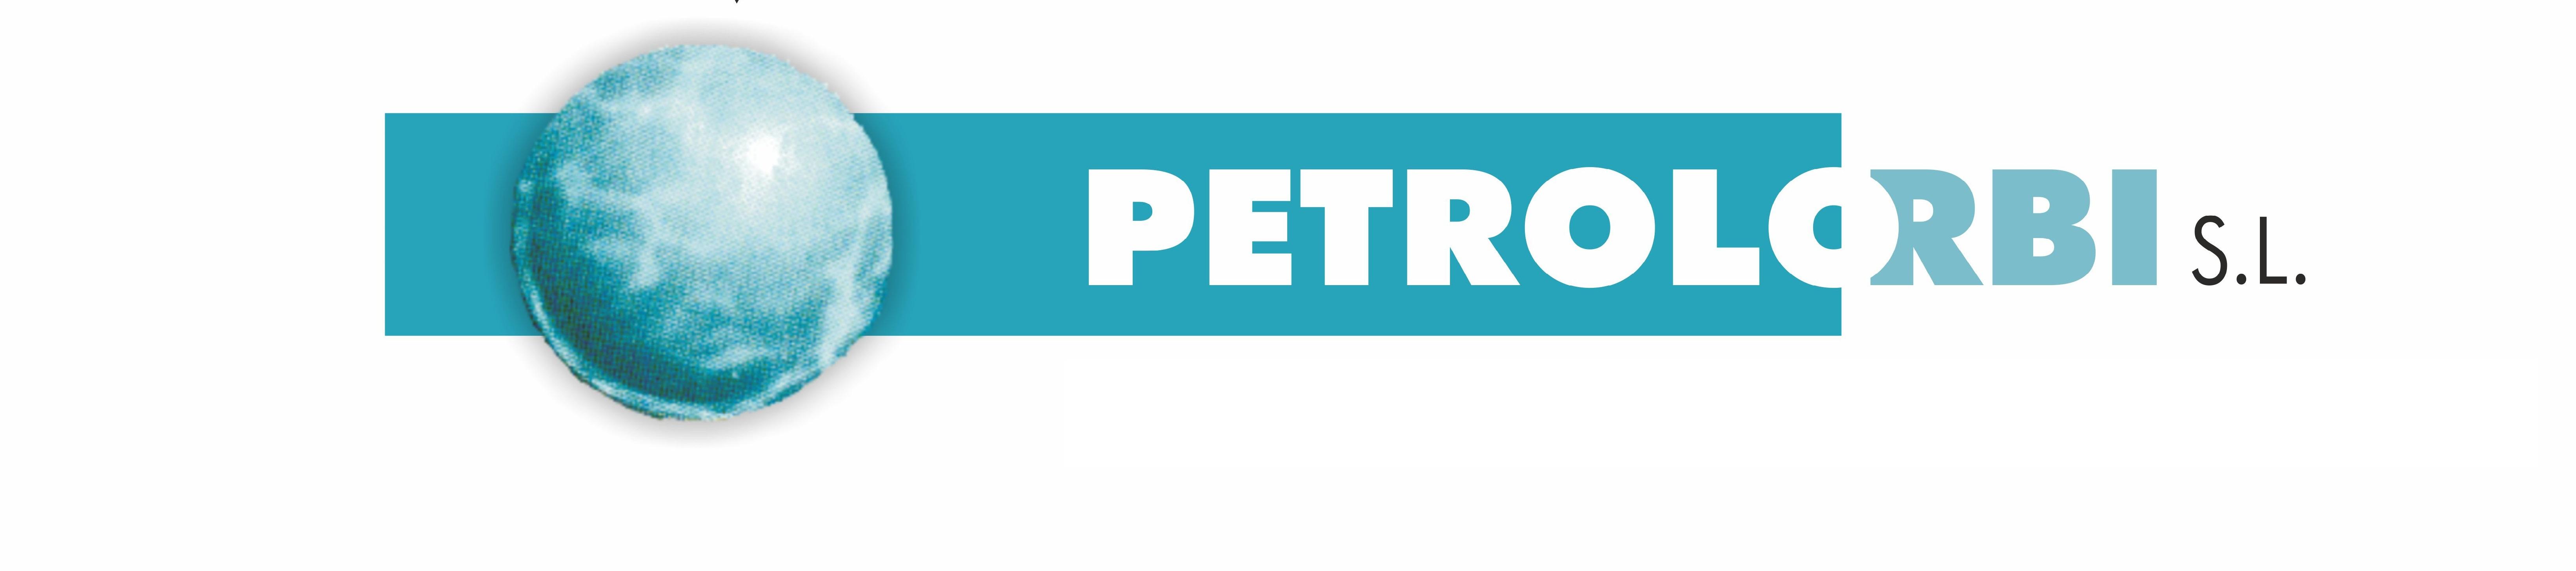 Petrolorbi